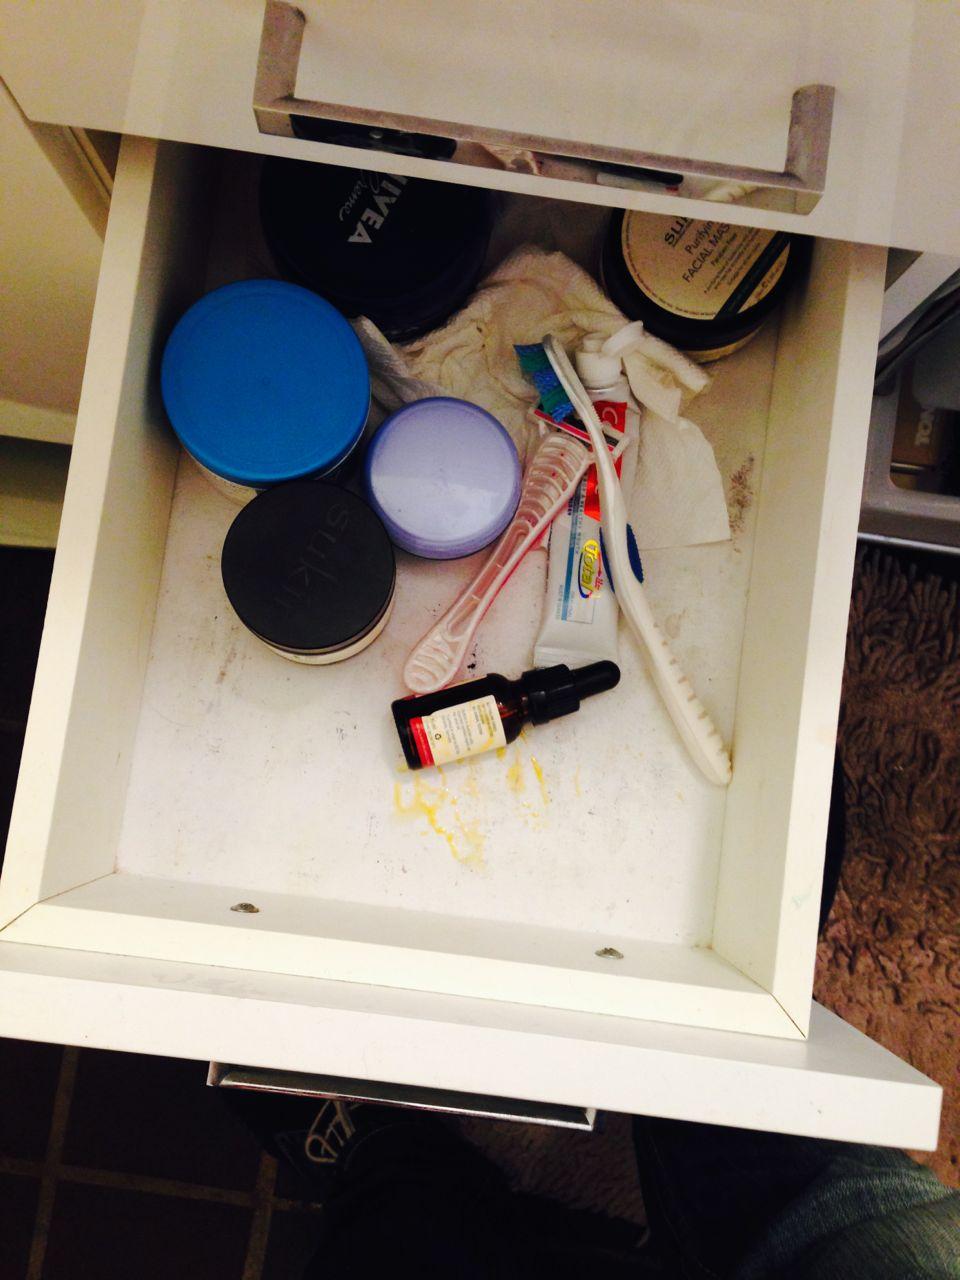 Nett organisierte Badezimmer Schublade